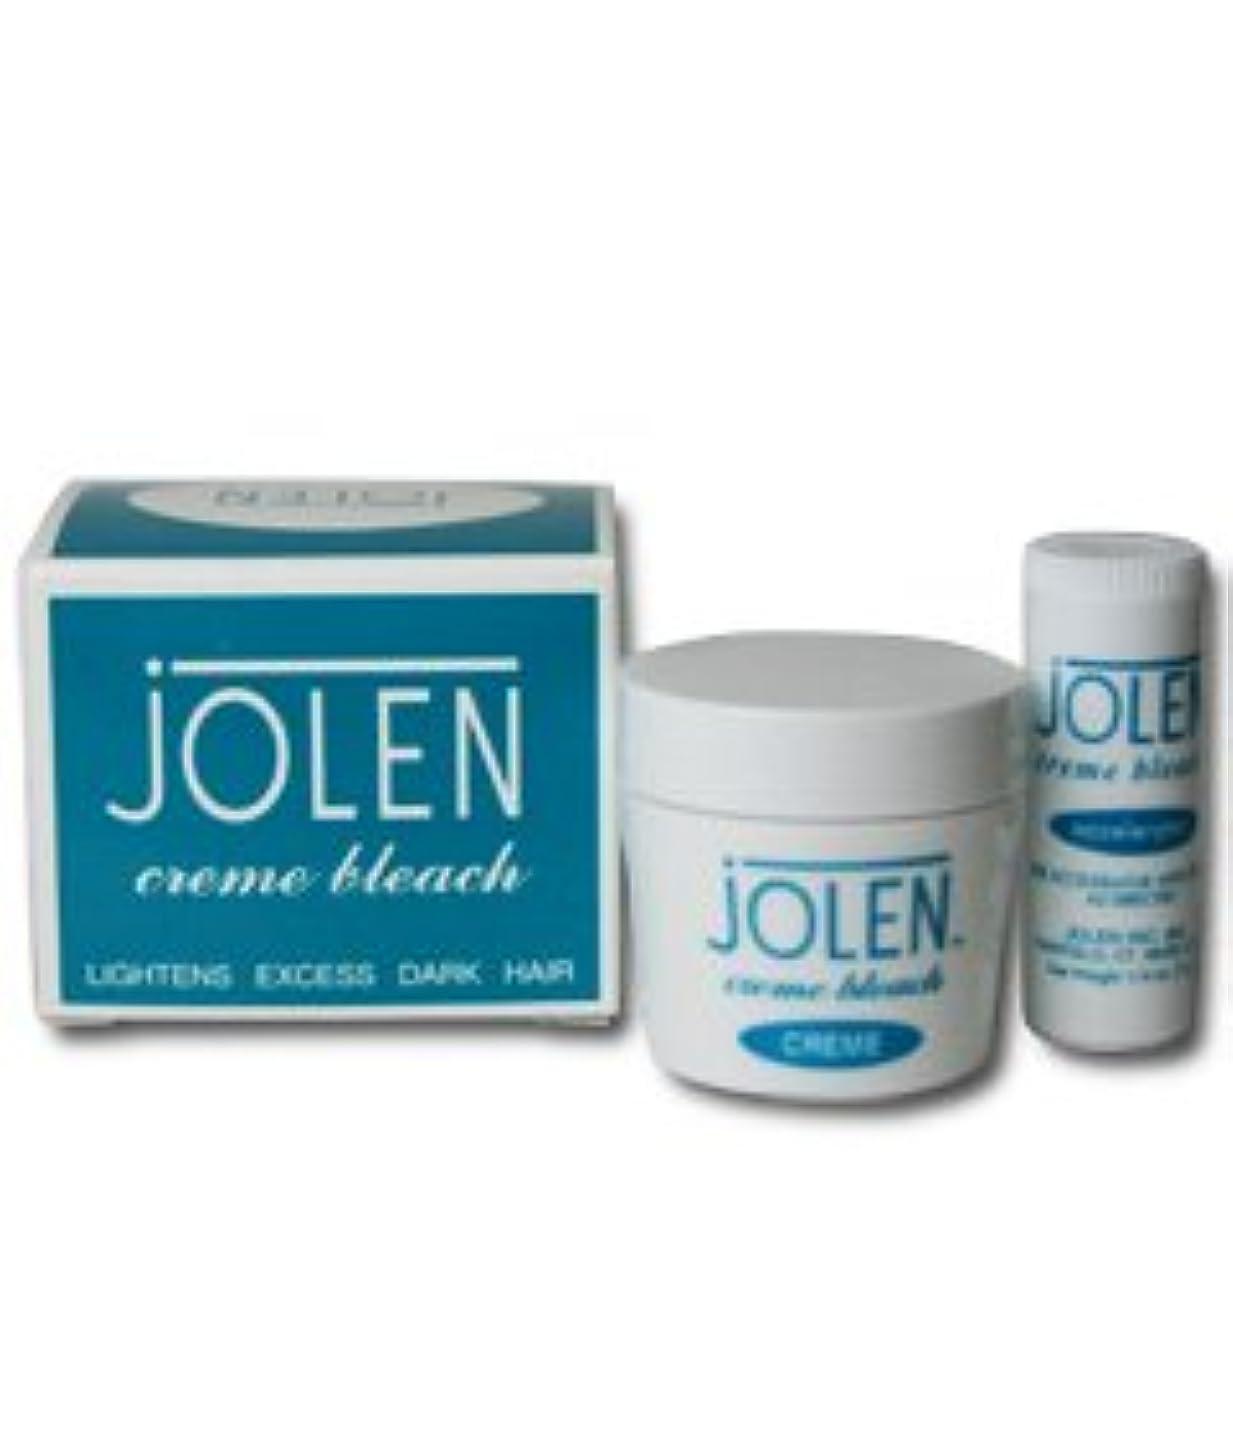 アルプスルーチン半径JOLEN (ジョレン)  クリームブリーチ(海外発送商品)